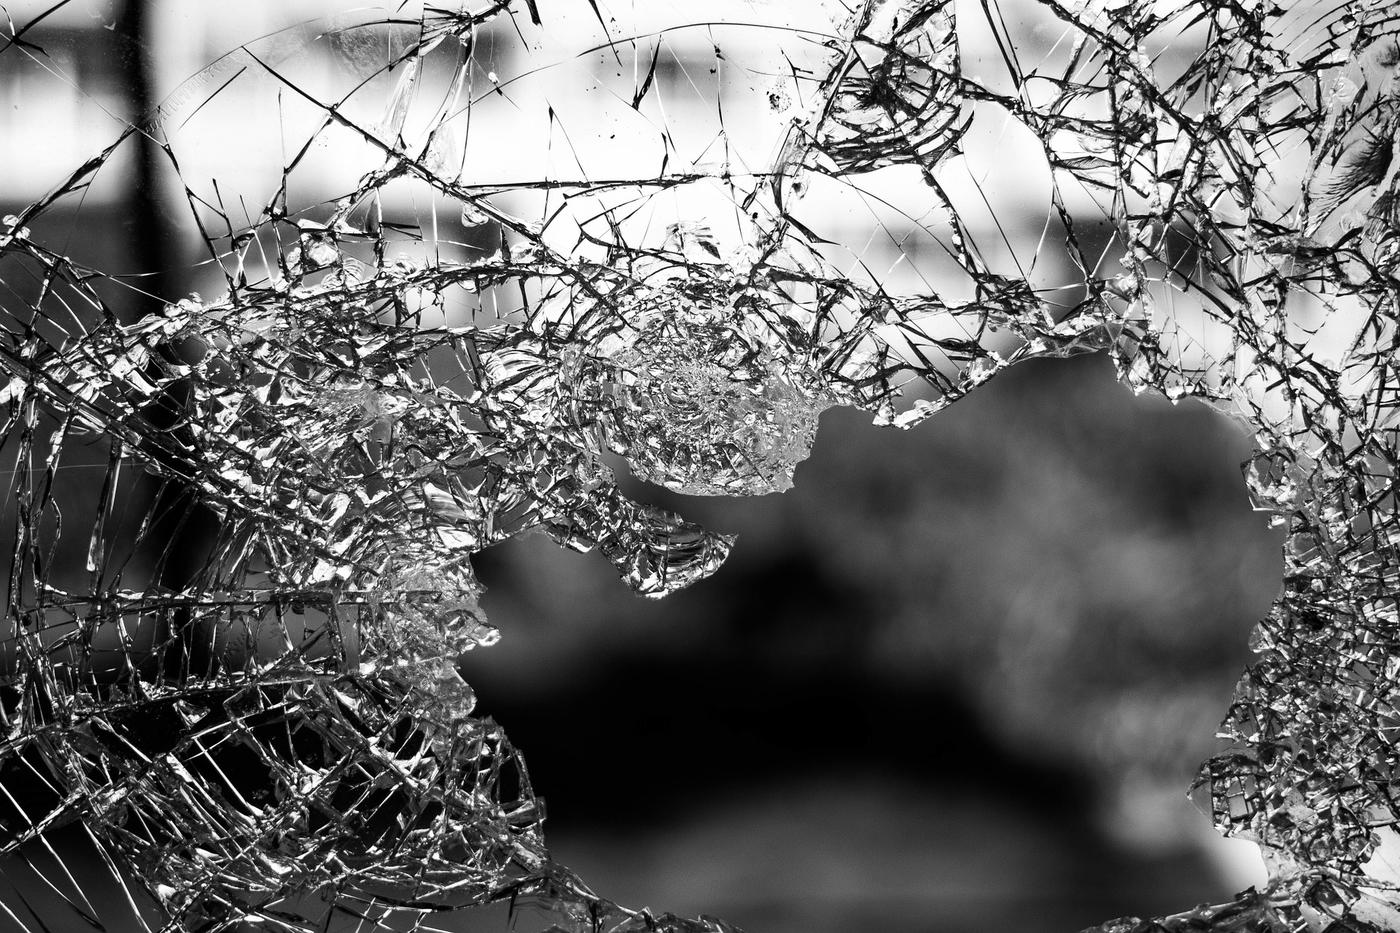 glass-984457_1920.jpg